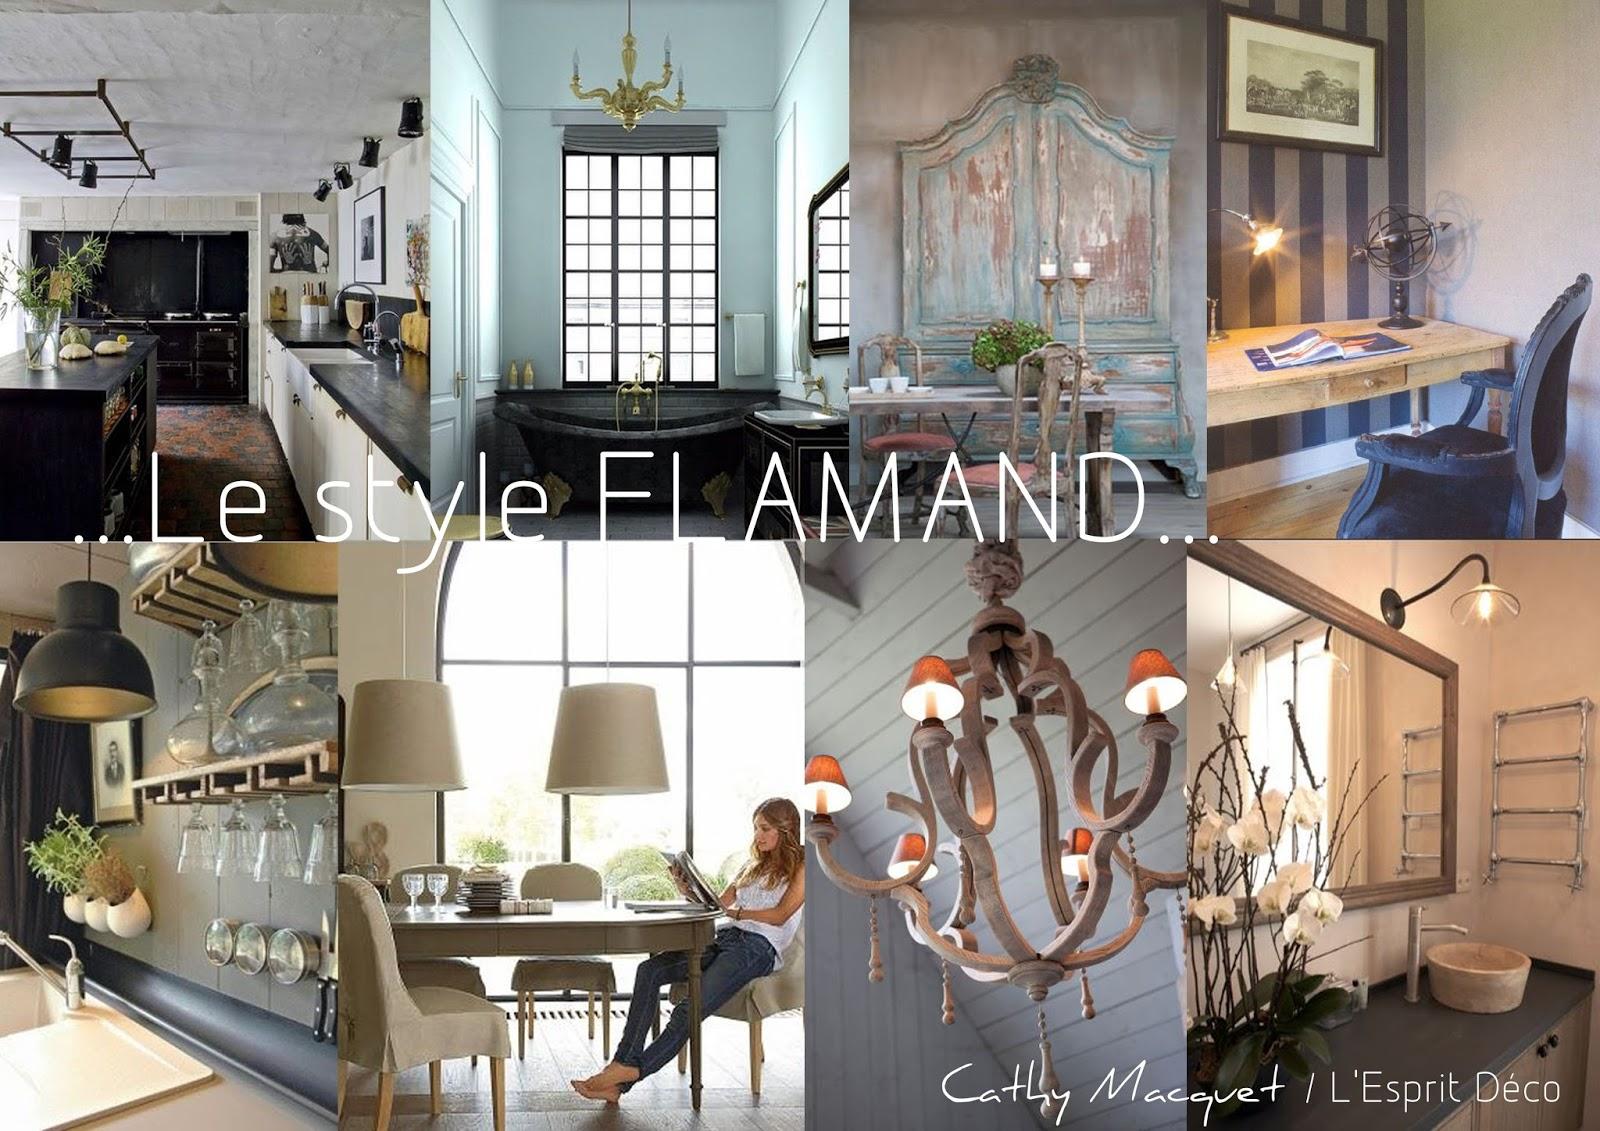 Cathy macquet l 39 esprit d co le style flamand l for Decoration flamande